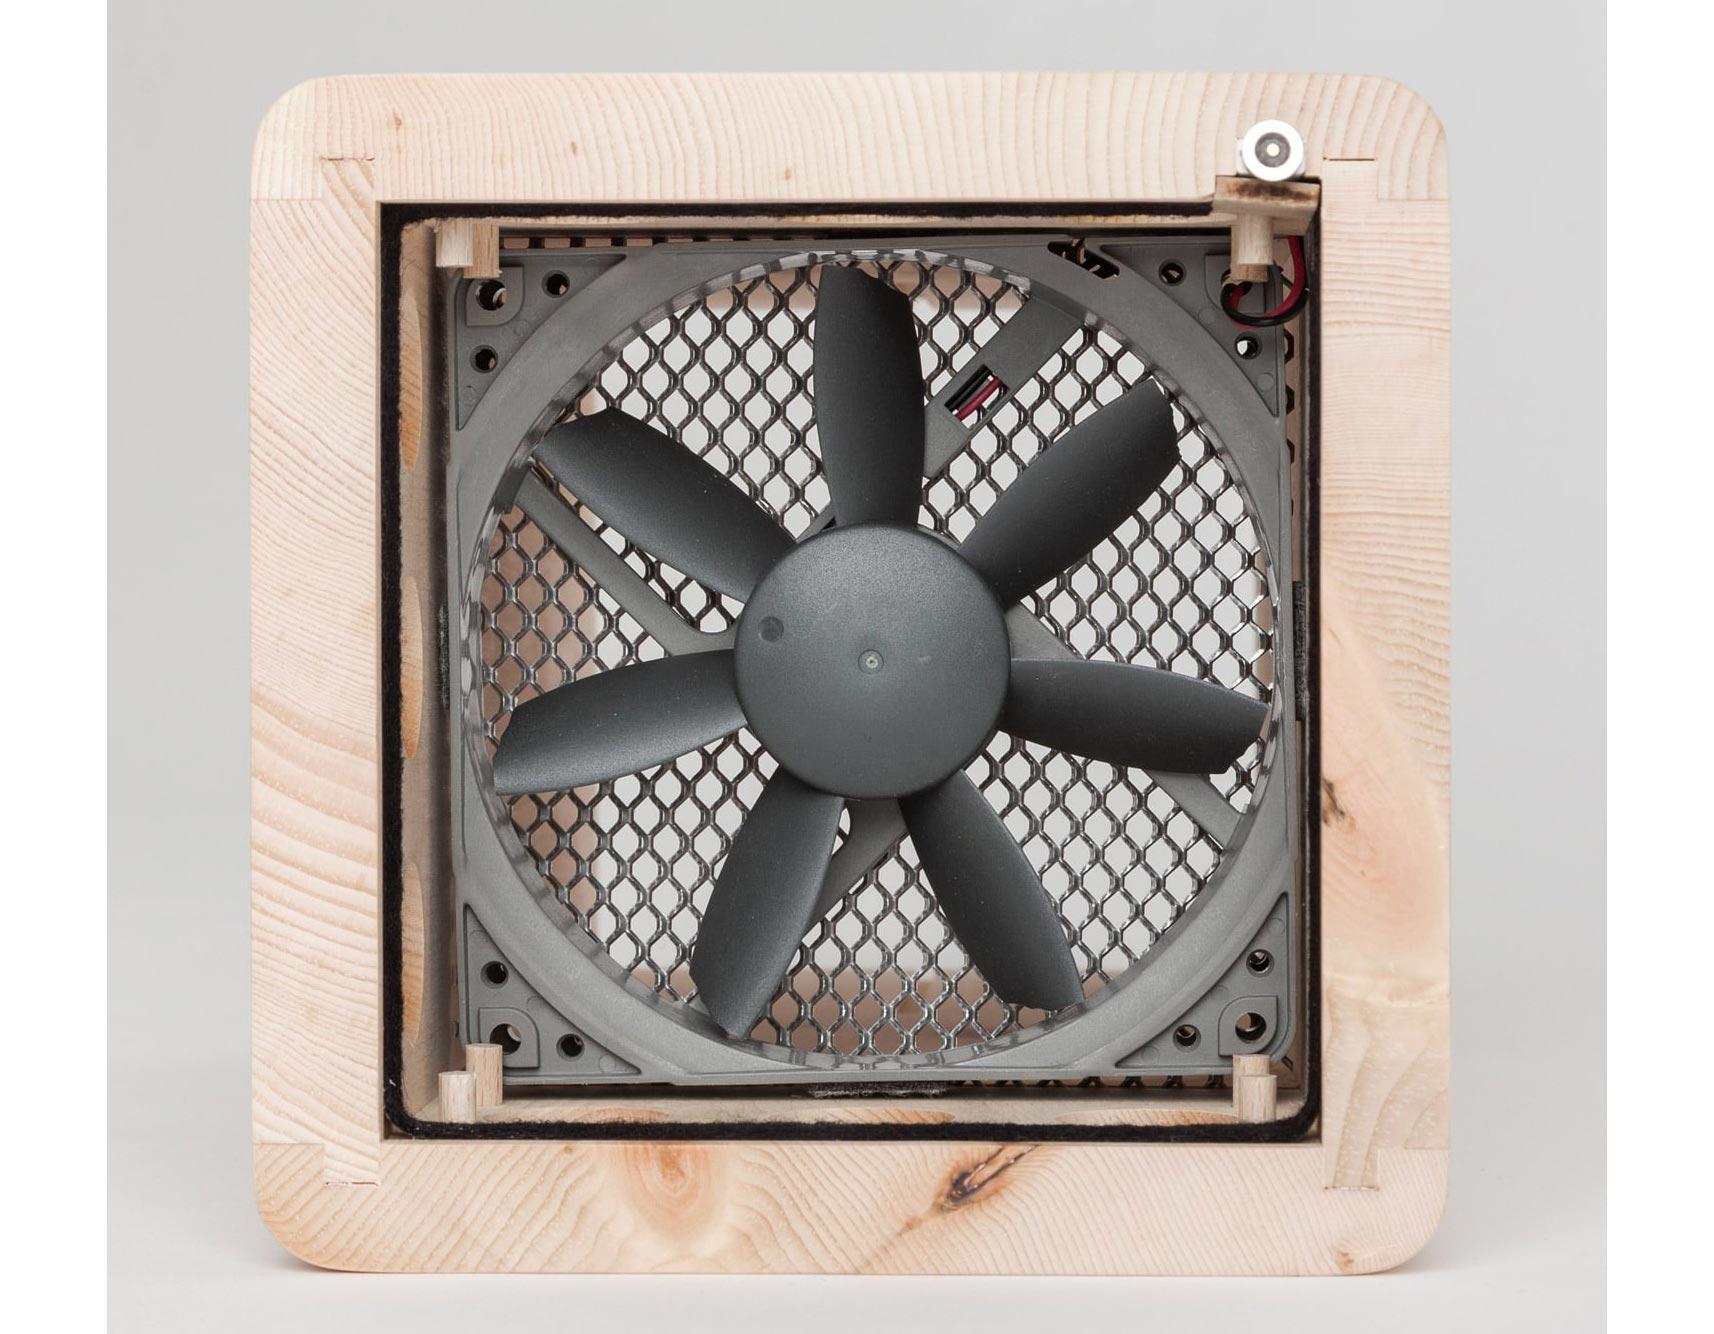 Ventilator von zirb Raumlüfter